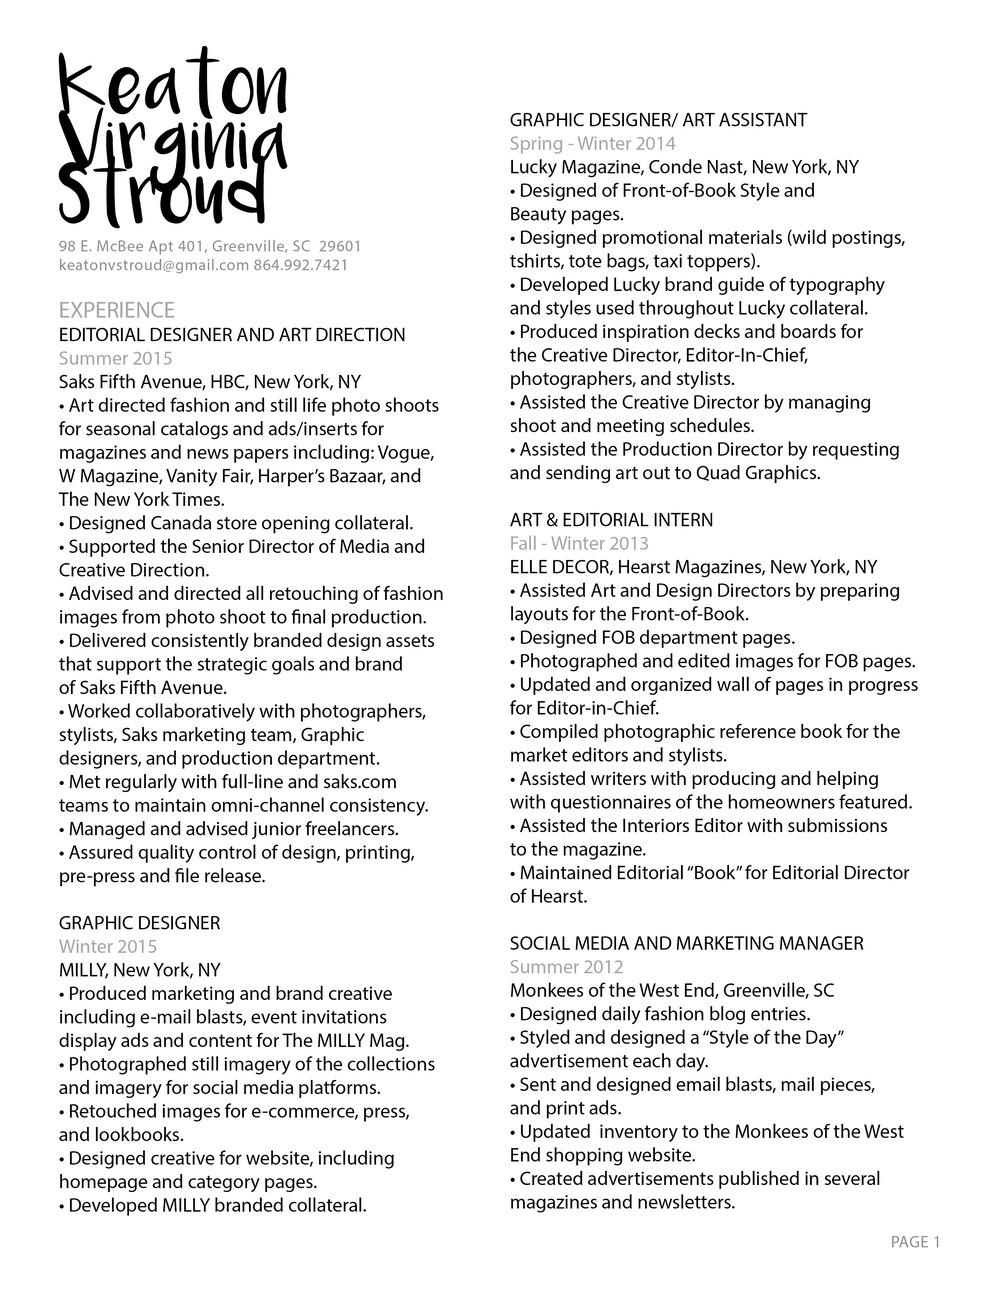 KeatonStroud_Resume.jpg